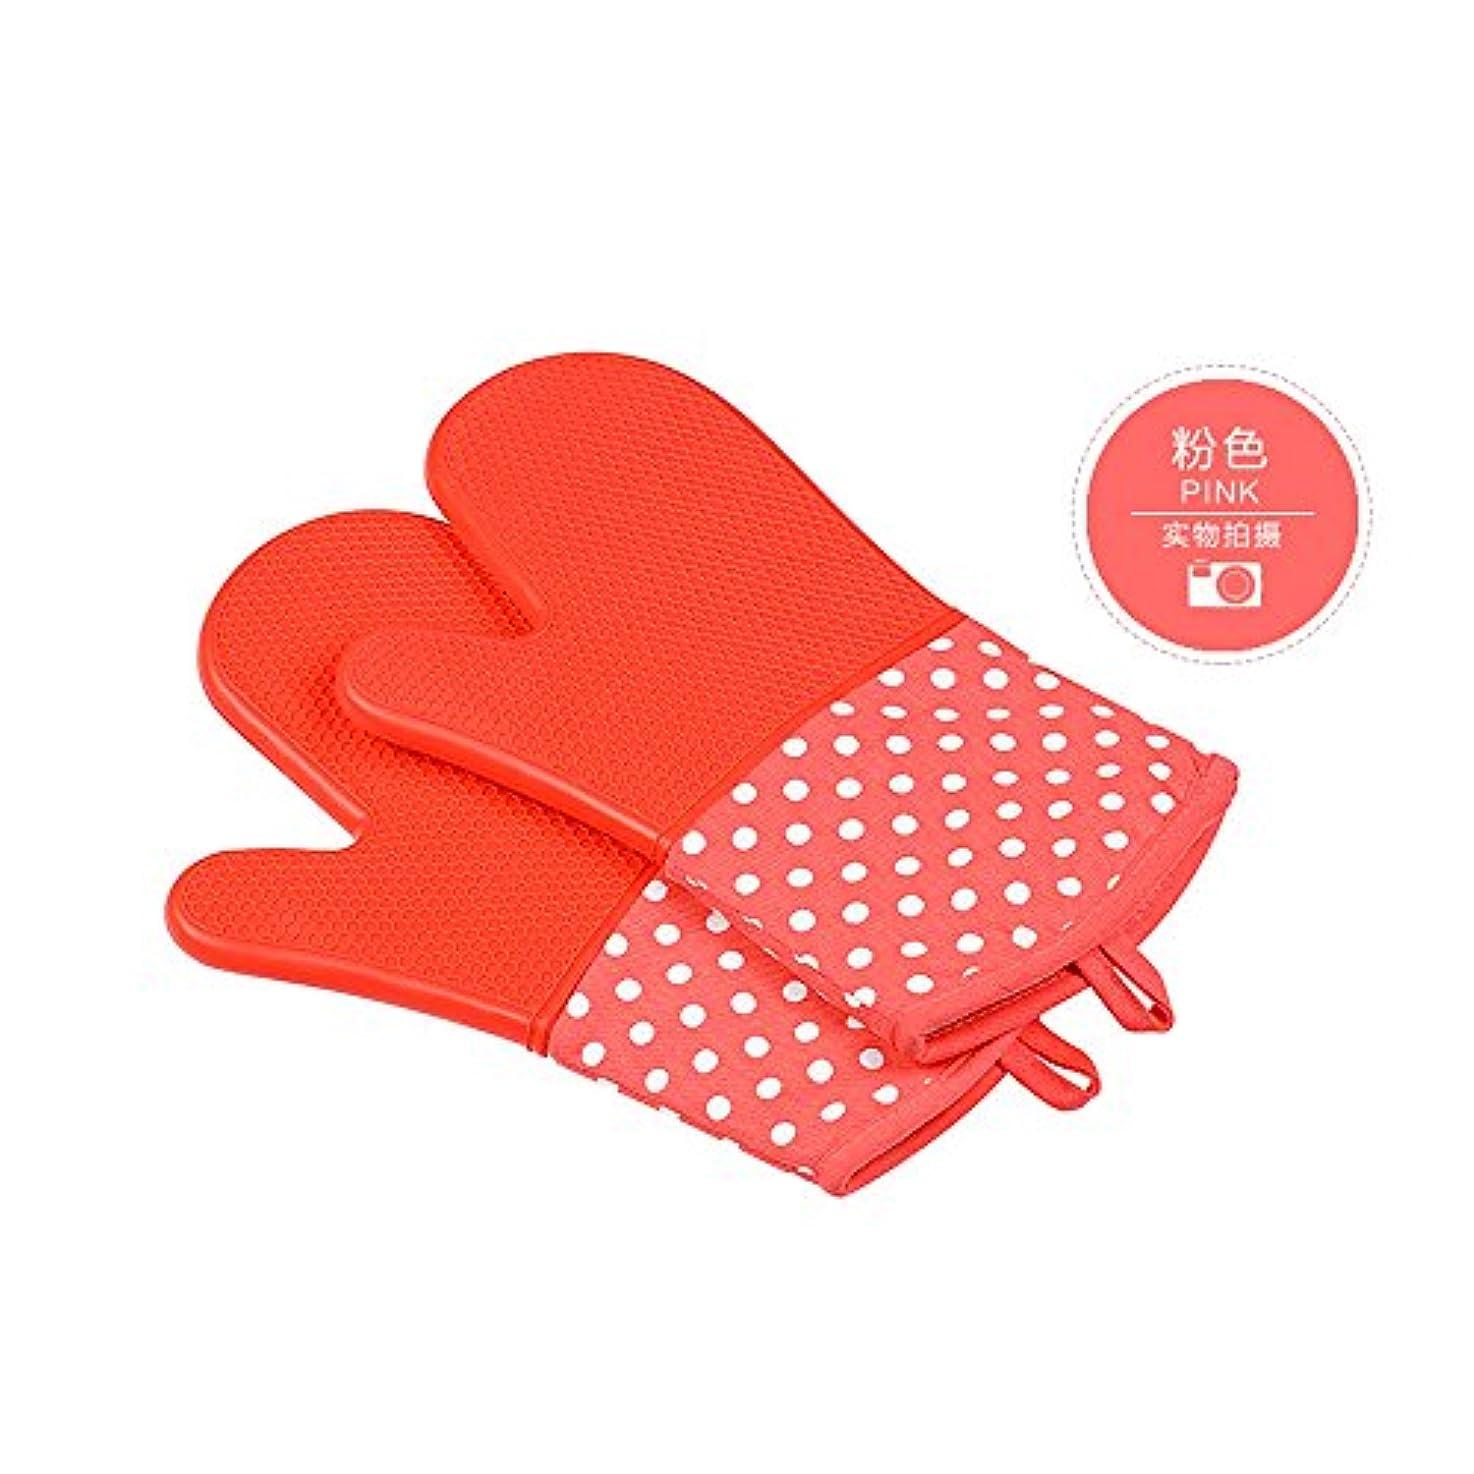 JOOP【2個セット】【シリコンベーキング手袋】【バーベキュー手袋】【キッチン電子レンジの手袋】【オーブン断熱手袋】【300の加熱温度極値】【7色】 (ピンク)